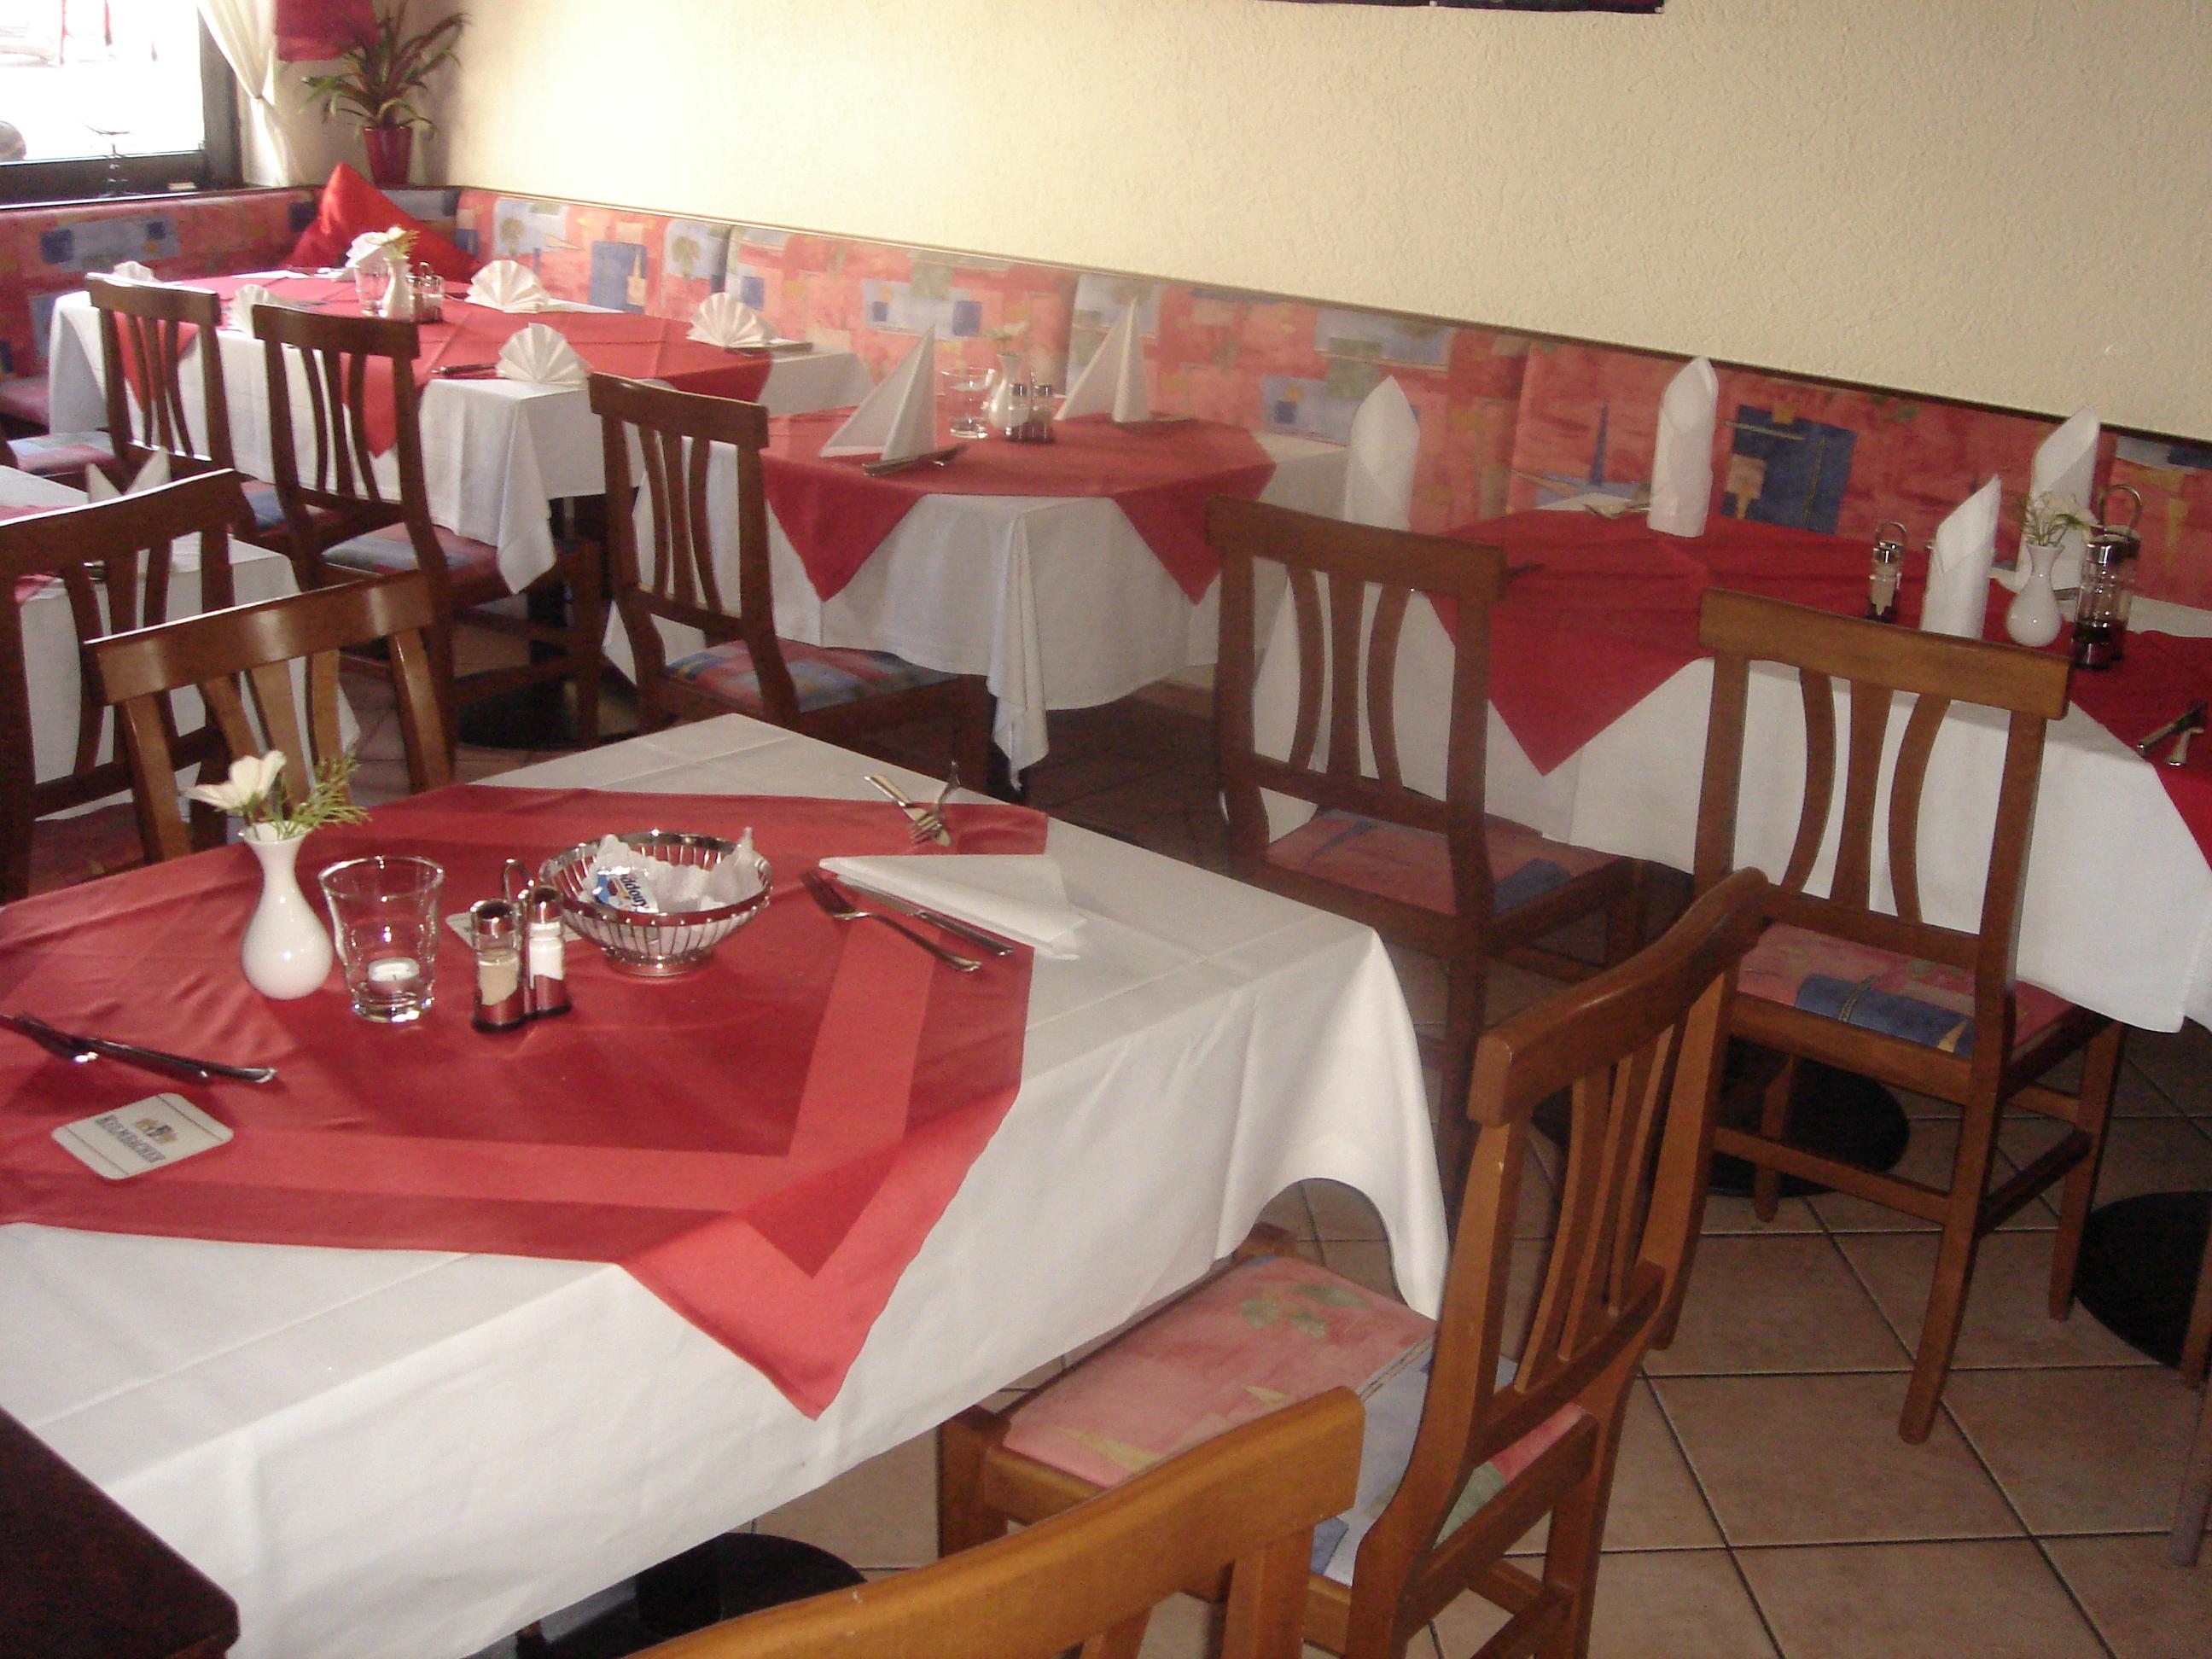 Gutes Essen in Burghaun - Italienische Küche - Pizzeria - Indische ...